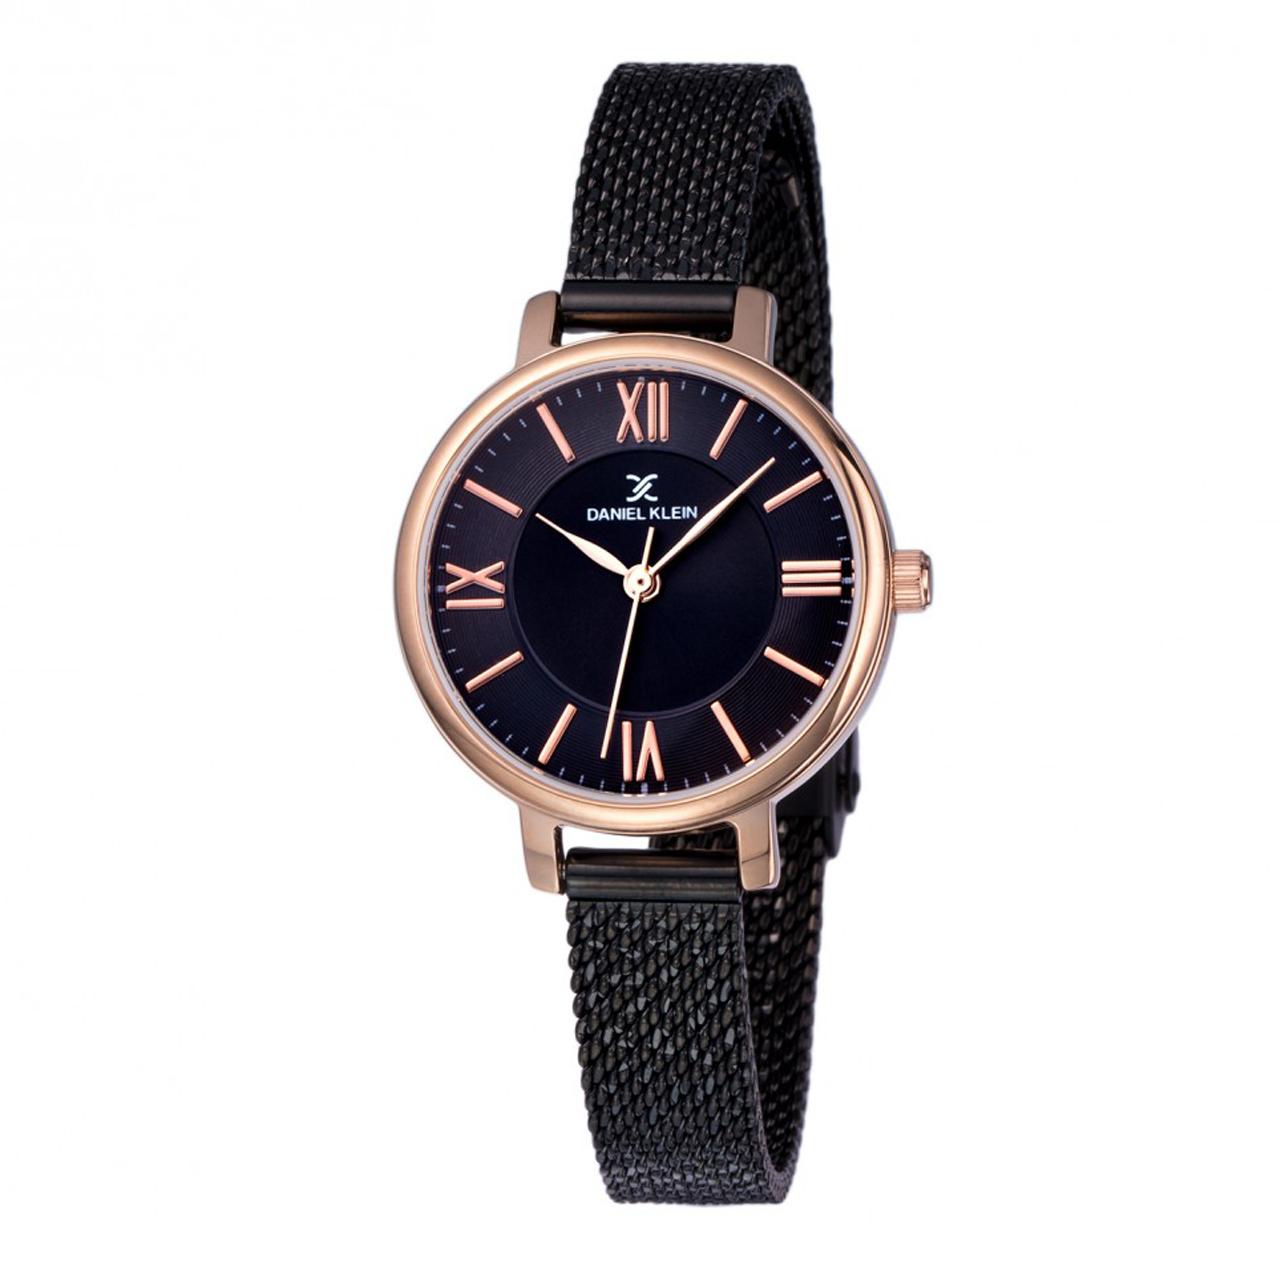 ساعت مچی عقربه ای زنانه دنیل کلین مدل DK11897-6 به همراه دستمال مخصوص برند کلین واچ 22